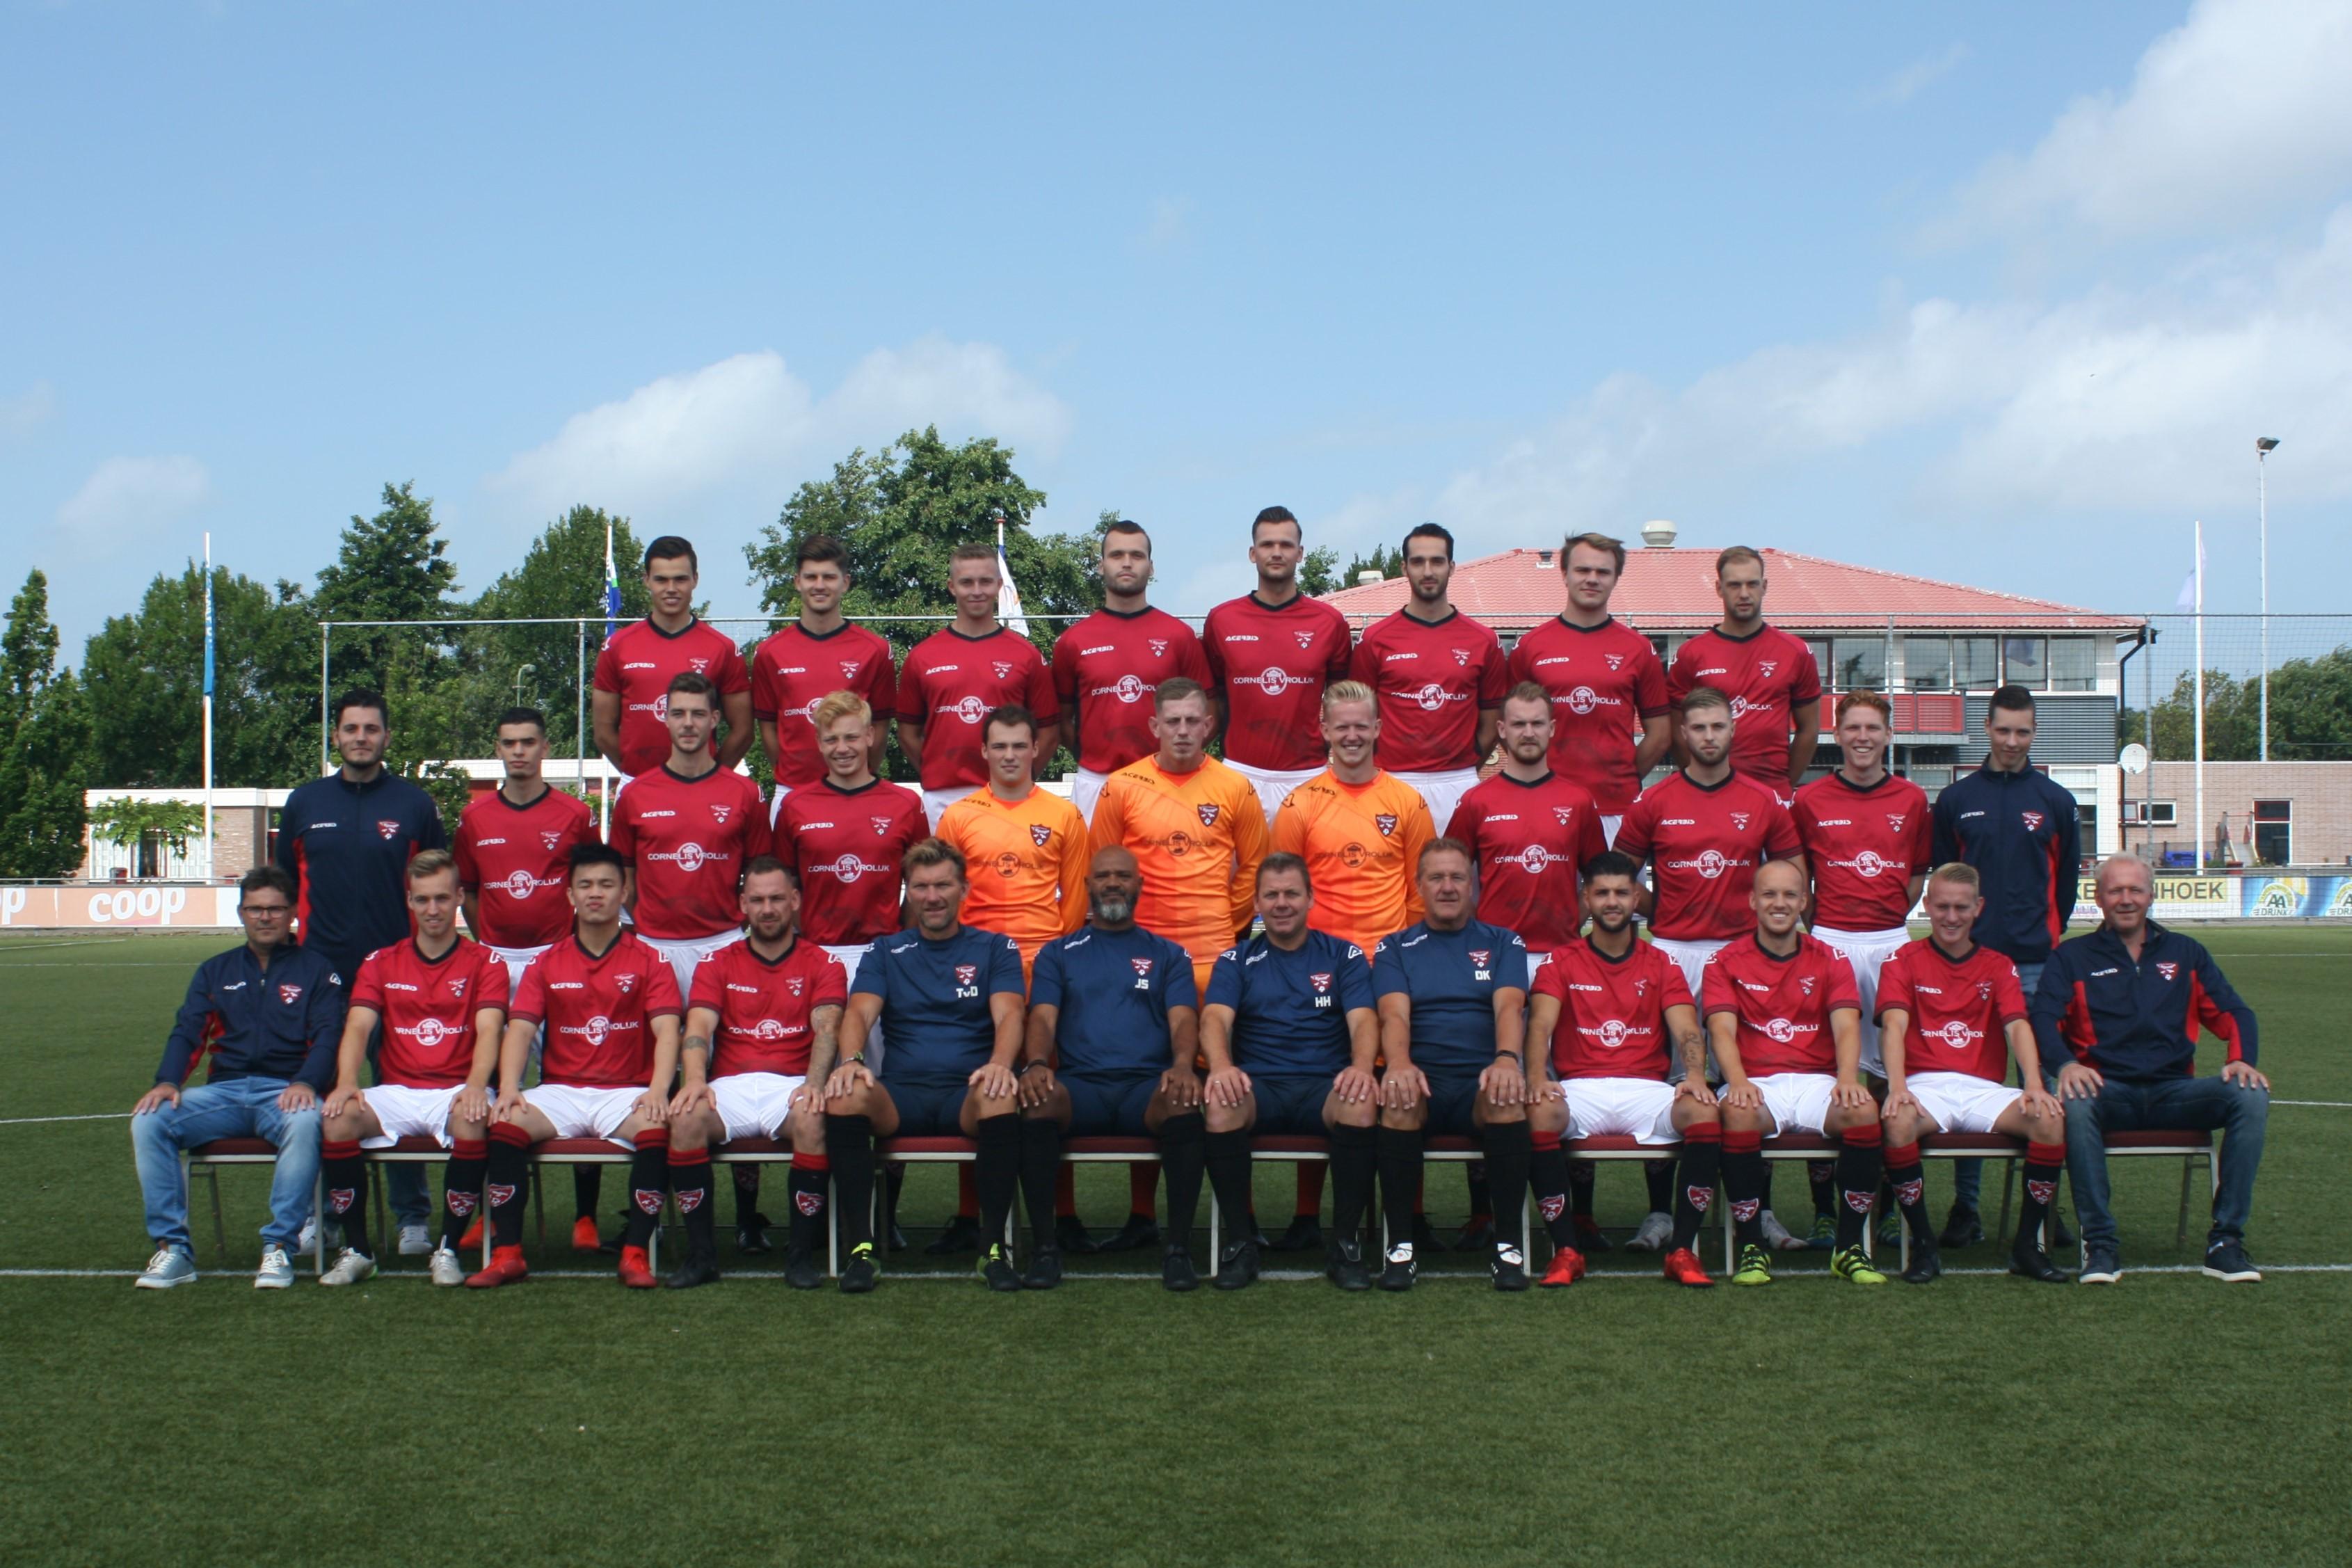 foto van team Heren 1